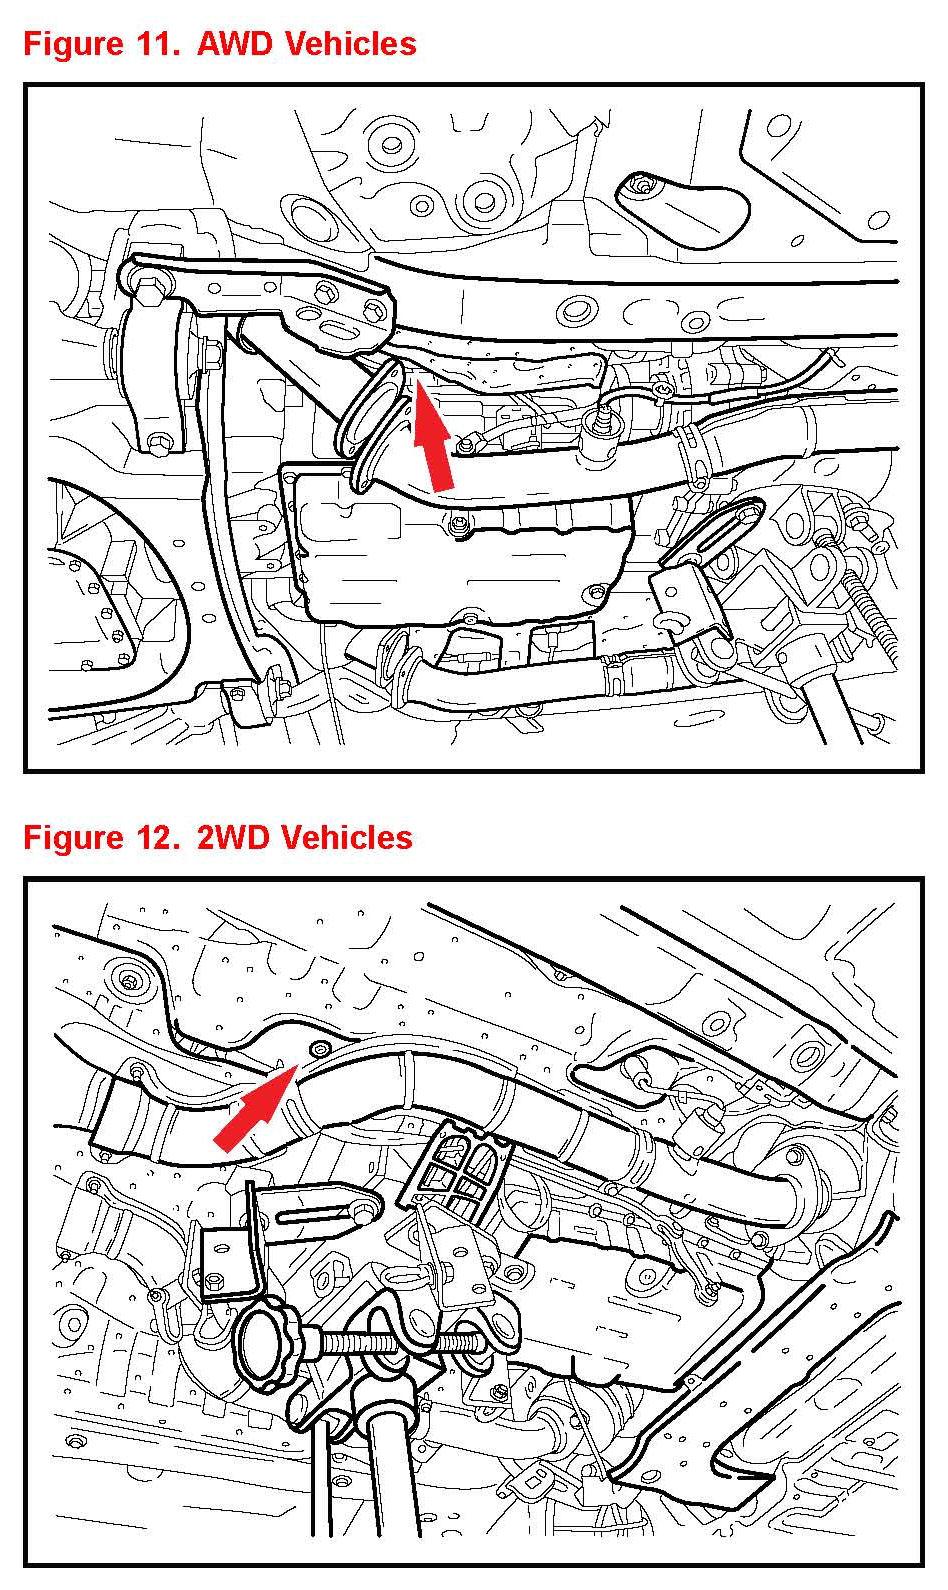 Kia Sportage Fuse Box Diagram Additionally Door Lock Wiring Vada 2004 Pontiac Grand Prix Shift Solenoid Location